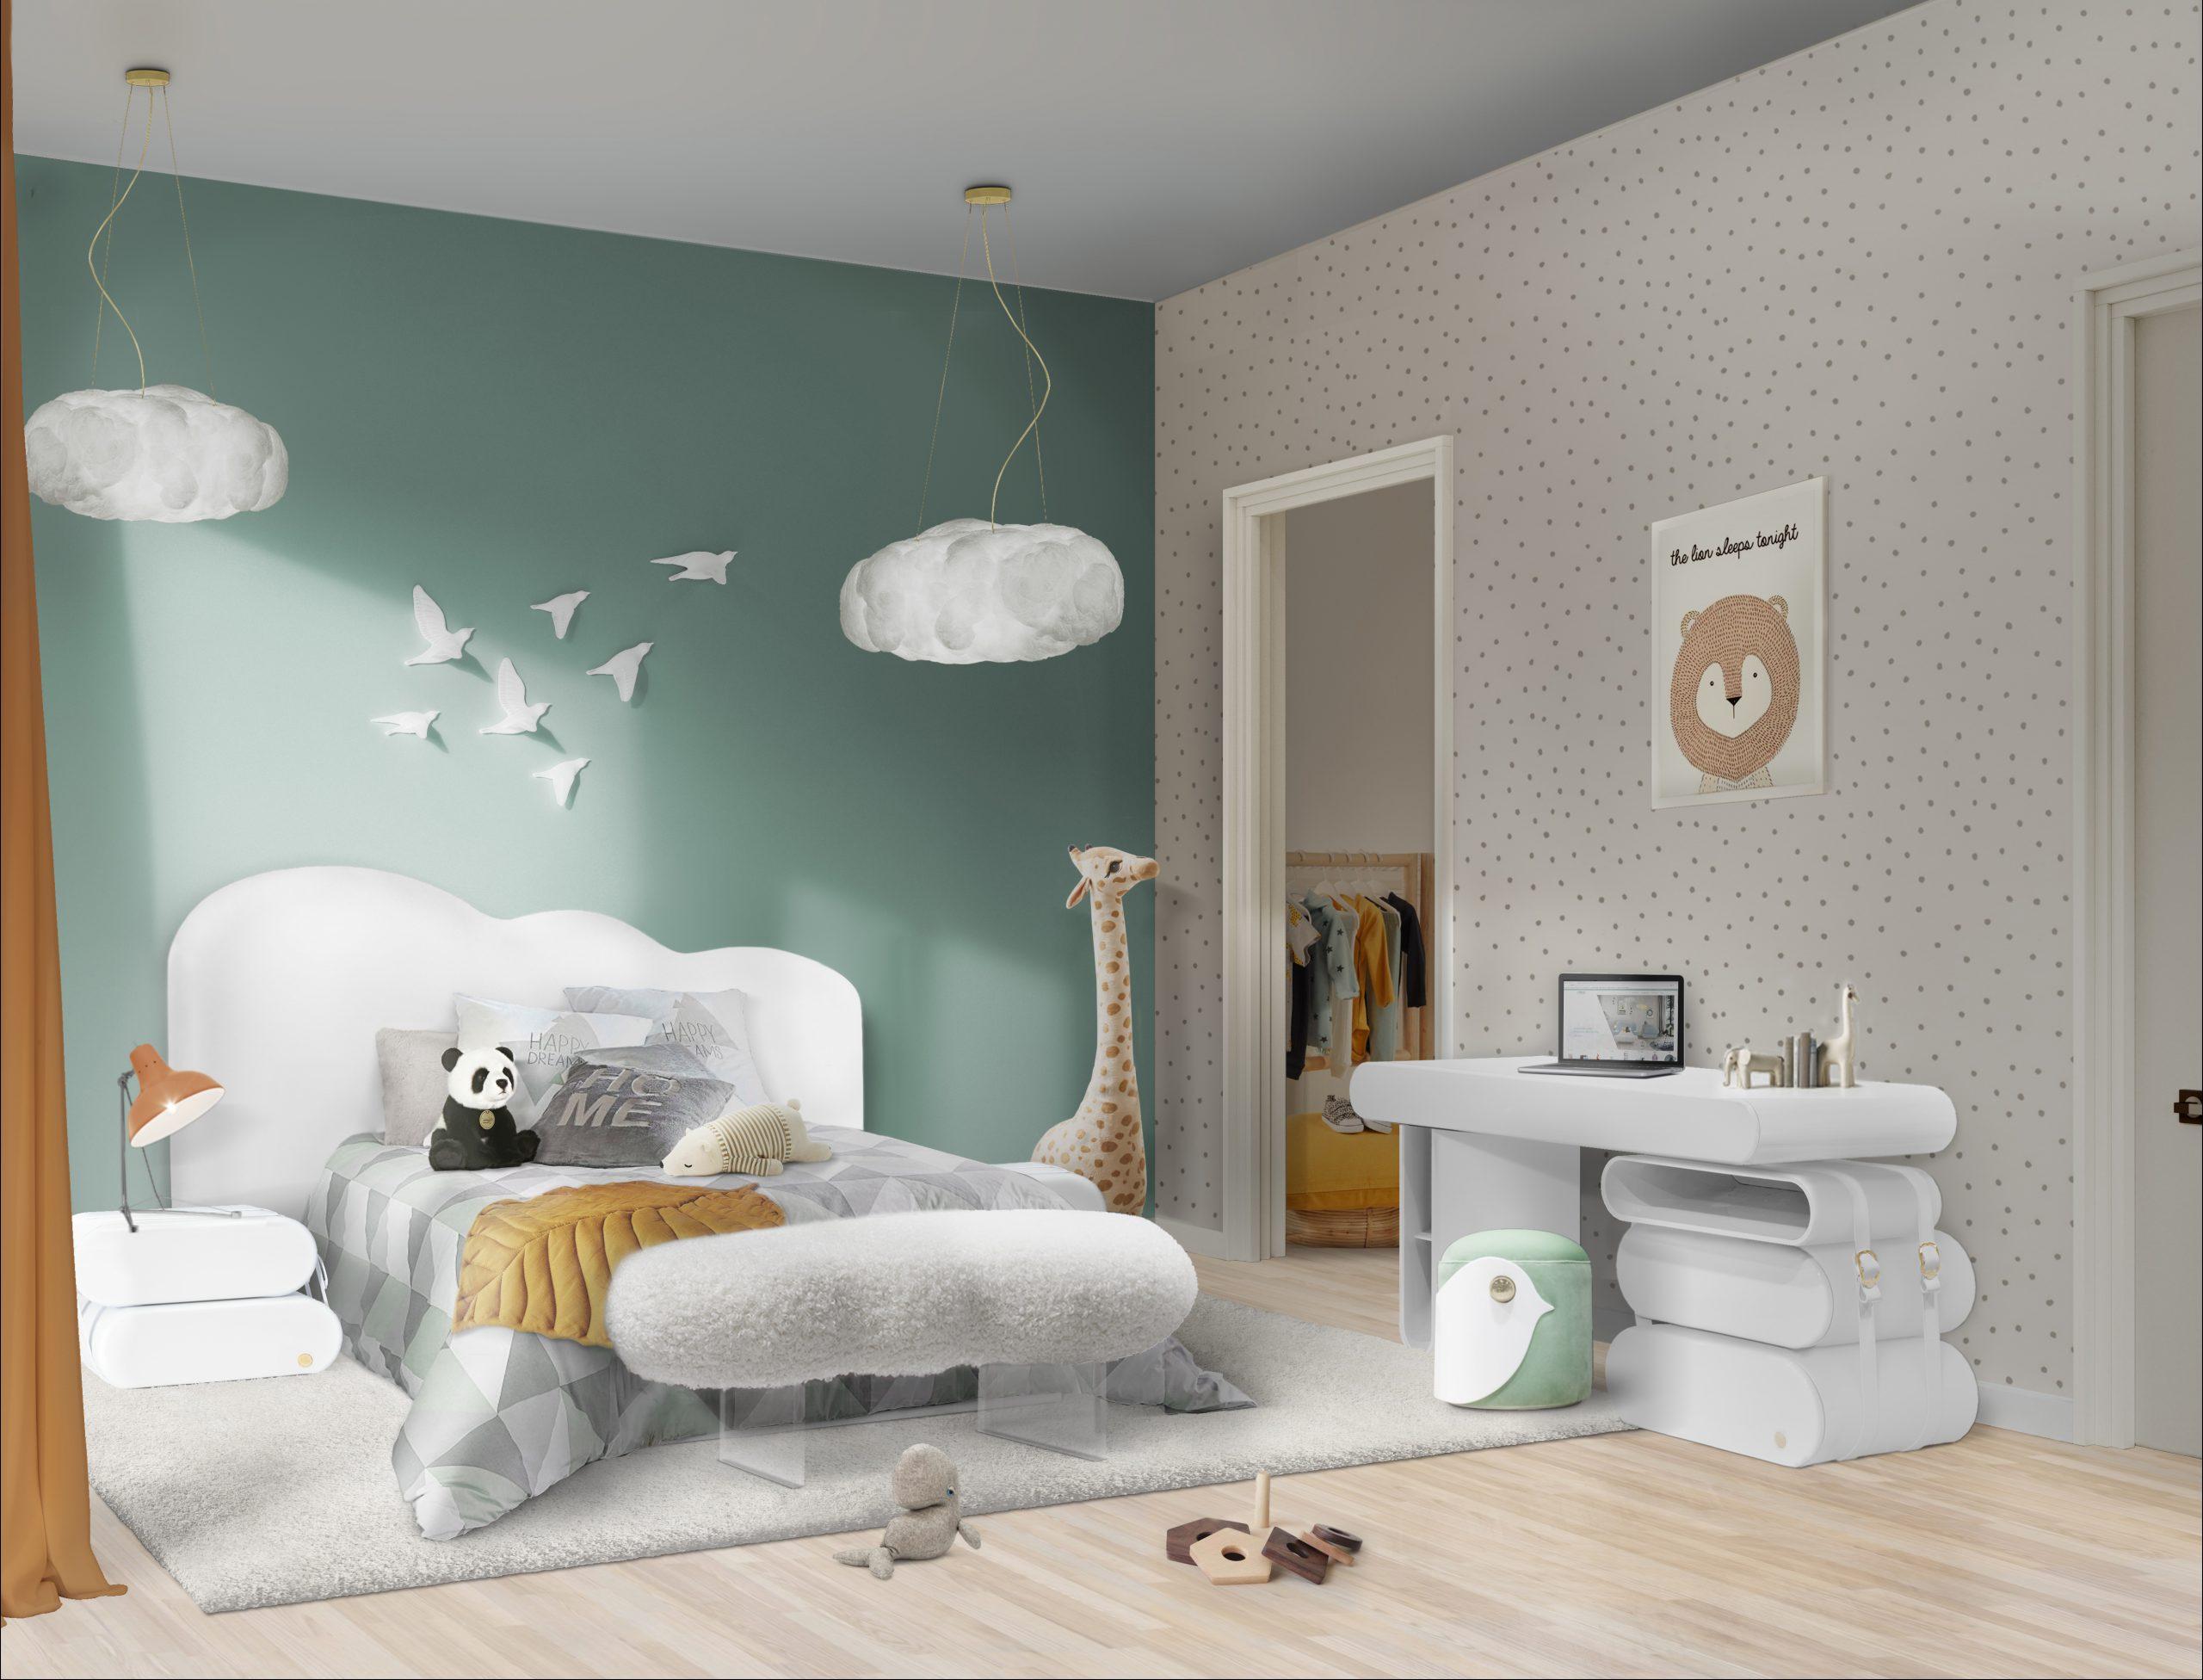 Cloud-collection-milk-white-circu-magical-furniture